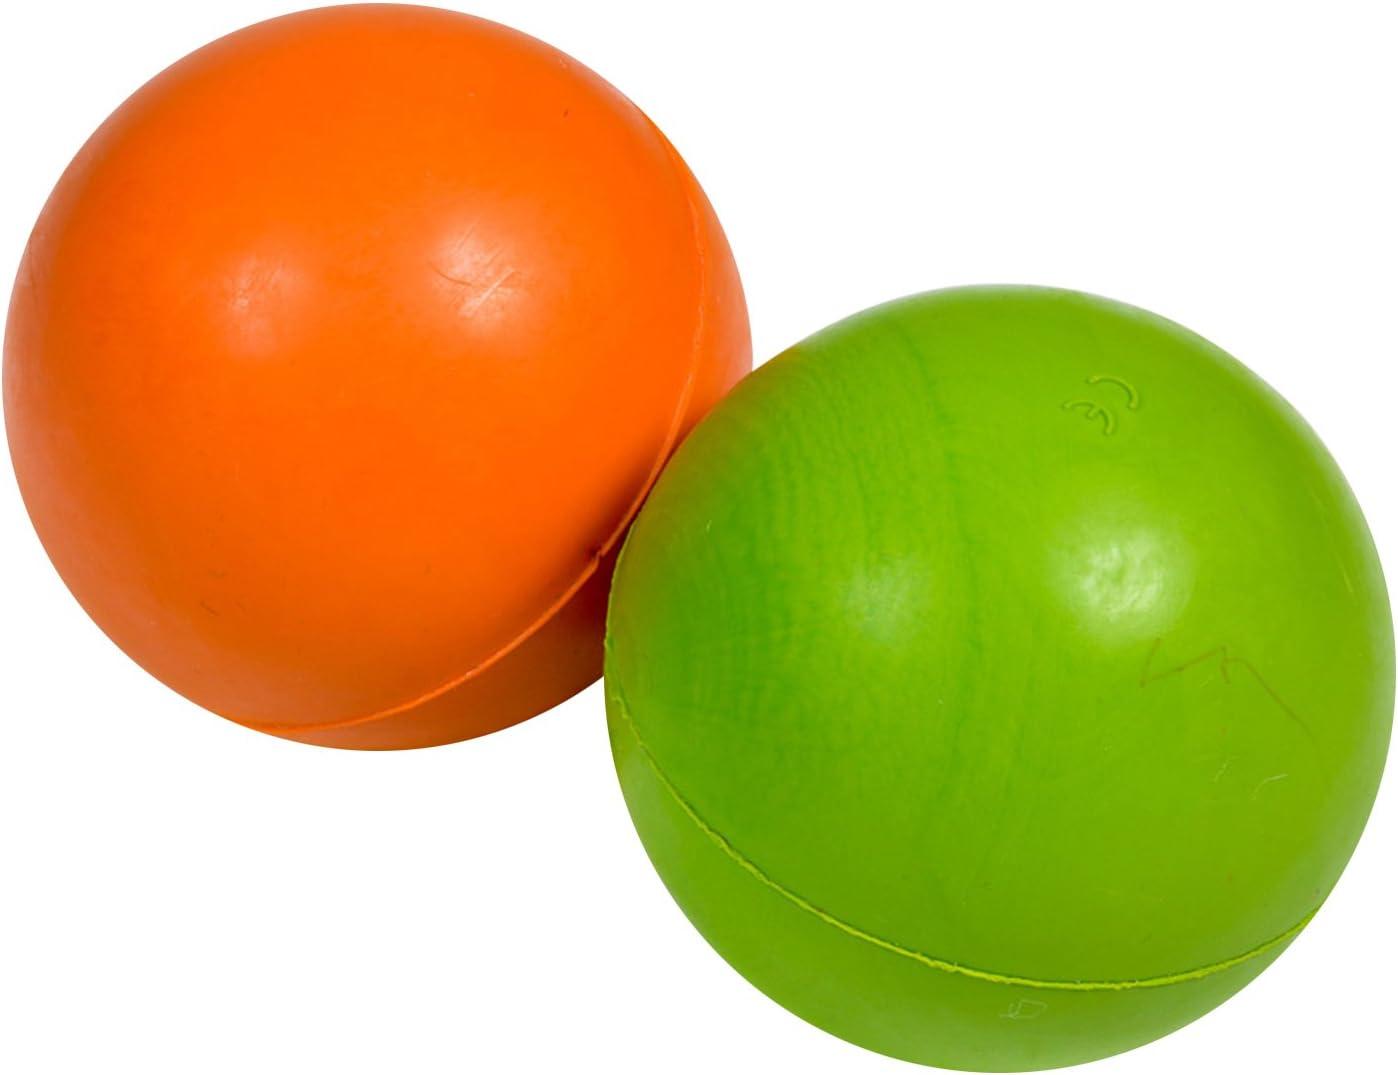 Petface Bola de Goma Maciza Perro de Juguete, 7,5 cm, Verde/Naranja: Amazon.es: Productos para mascotas